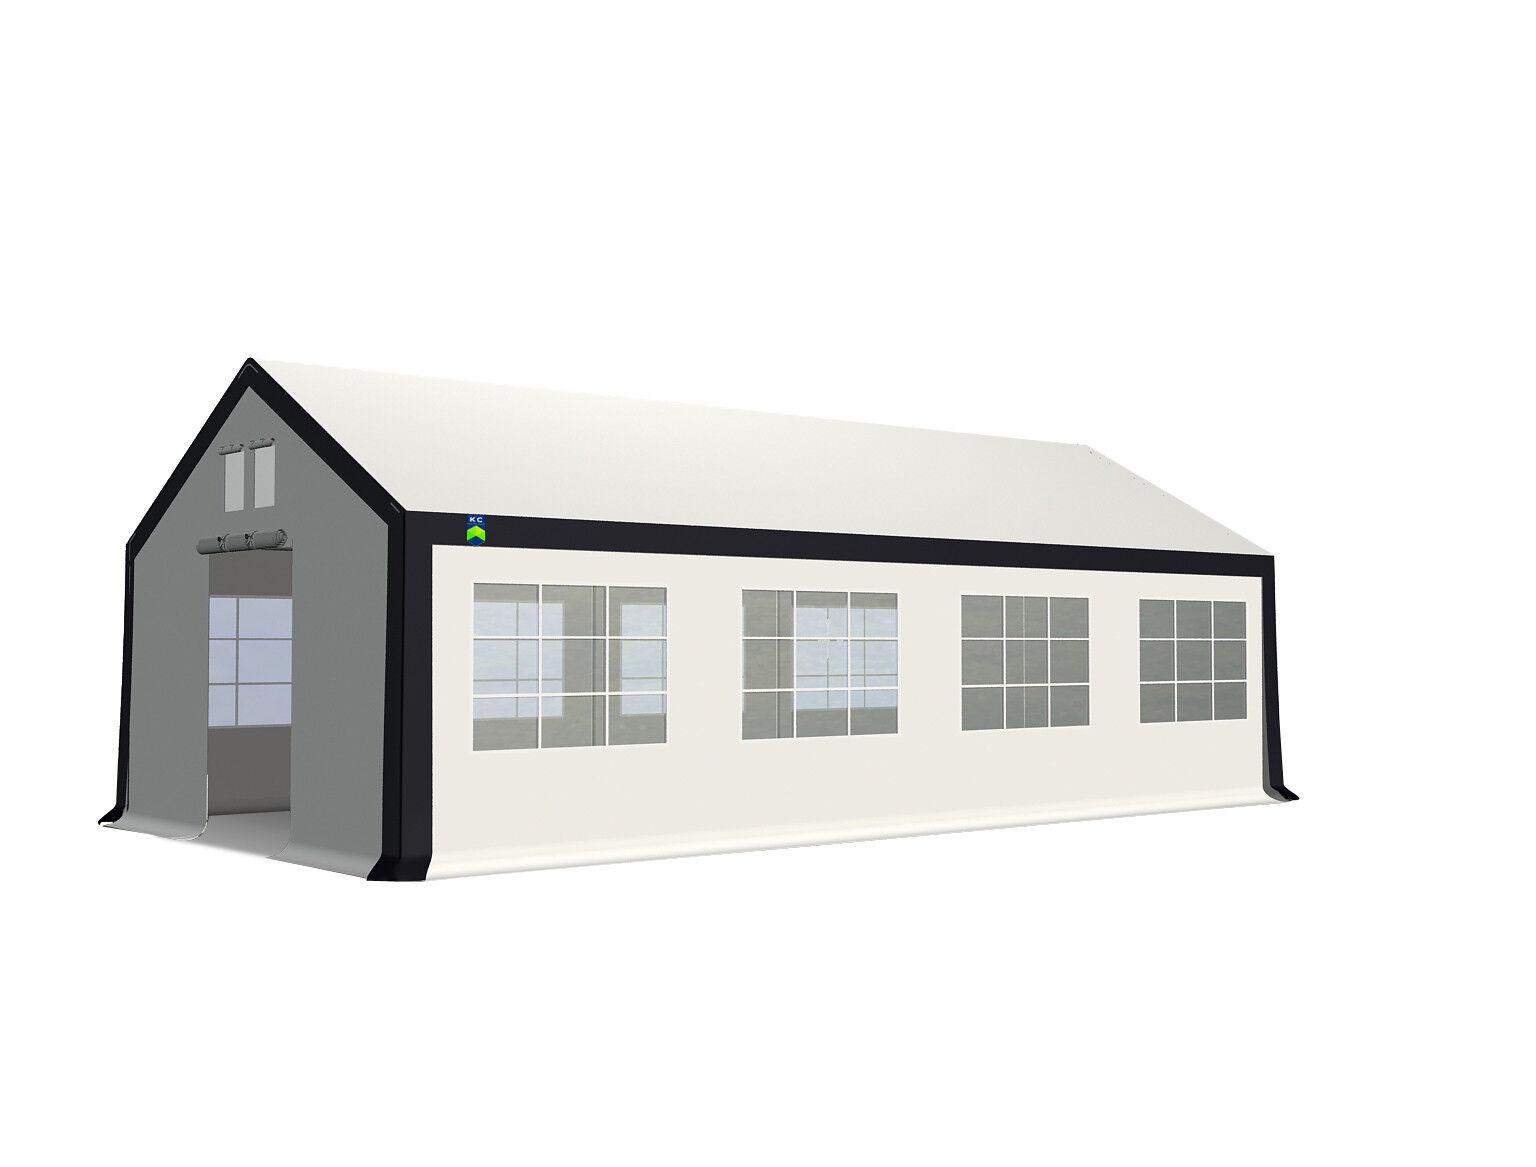 partyzelt pe pvc pavillon 3x2 6x12m festzelt. Black Bedroom Furniture Sets. Home Design Ideas